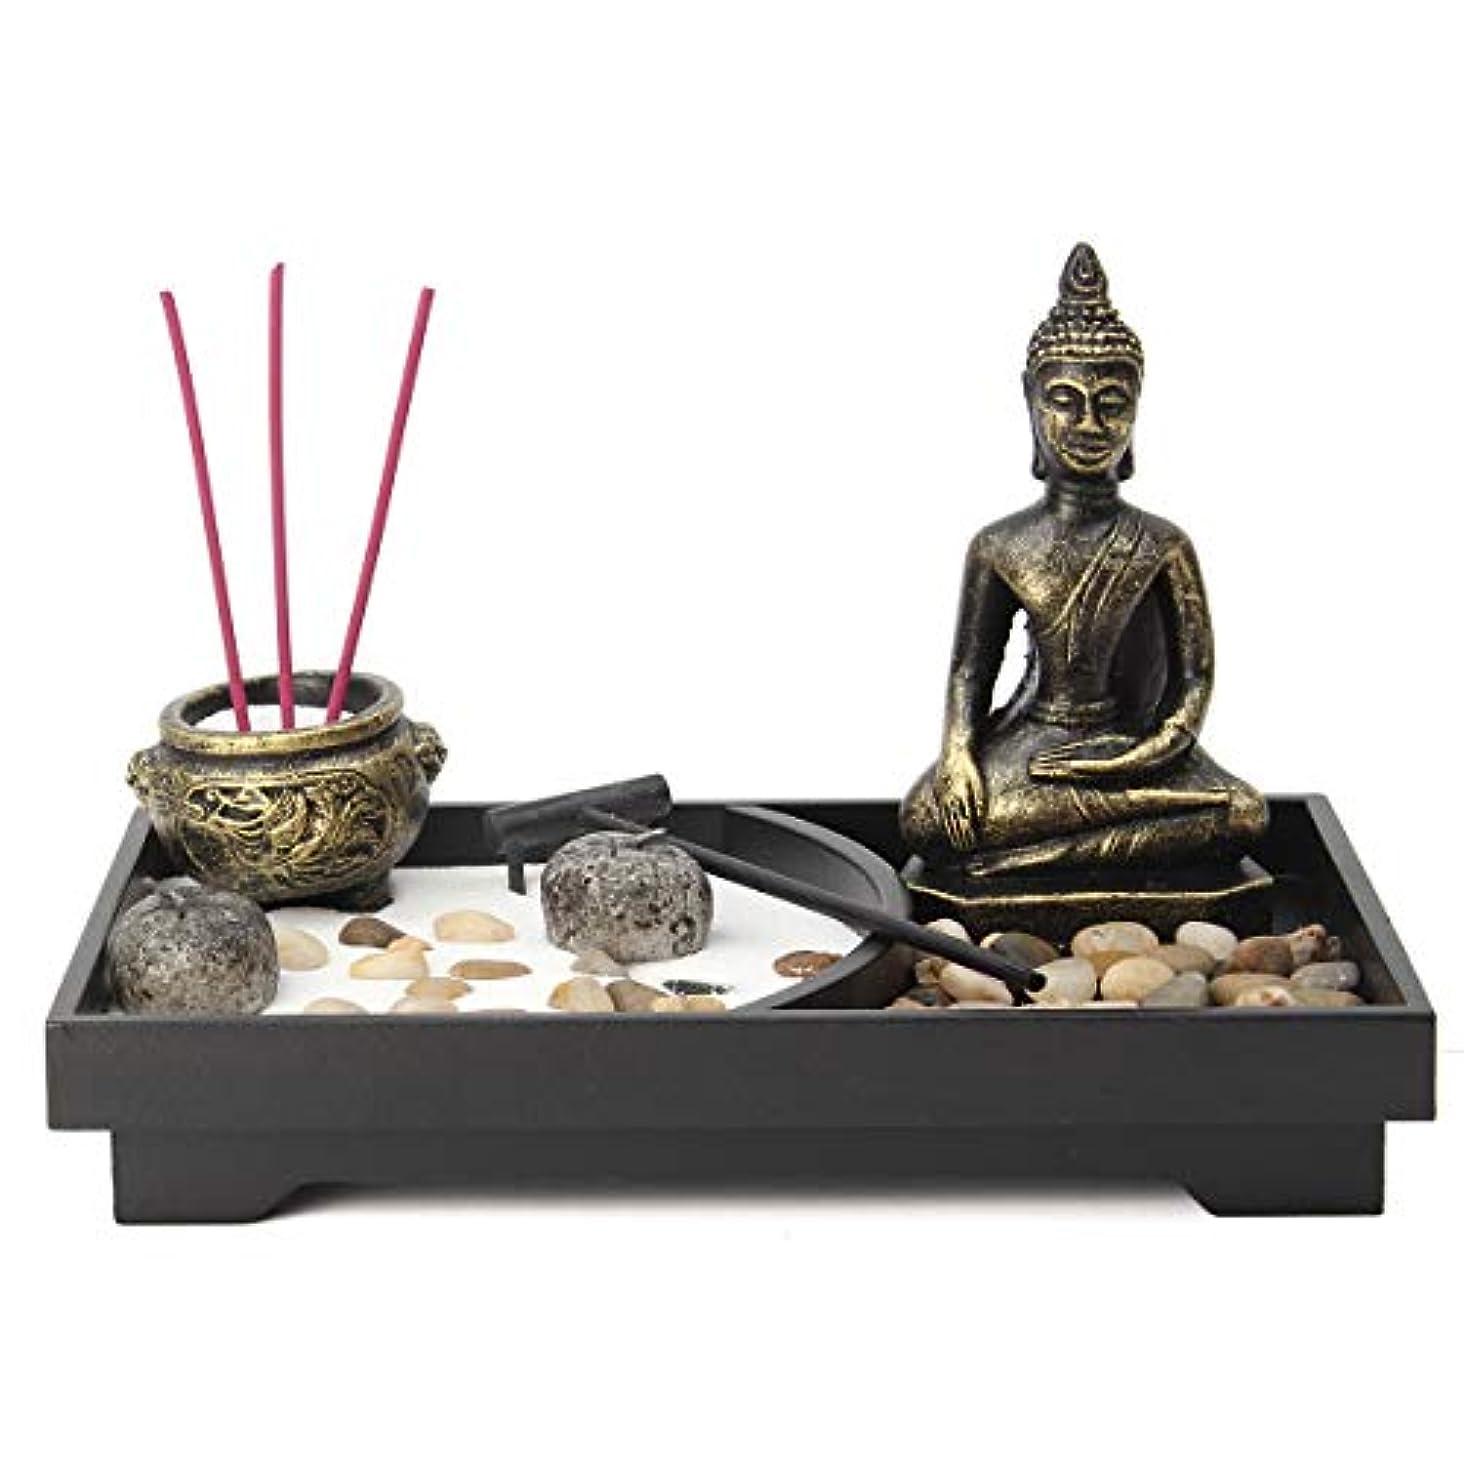 非常に怒っています練る原子jeteven Buddha Statue Incense Holder Mini瞑想Zen Garden withワックス、お香バーナーホルダースティックホームDecor & Handicraft、8.82